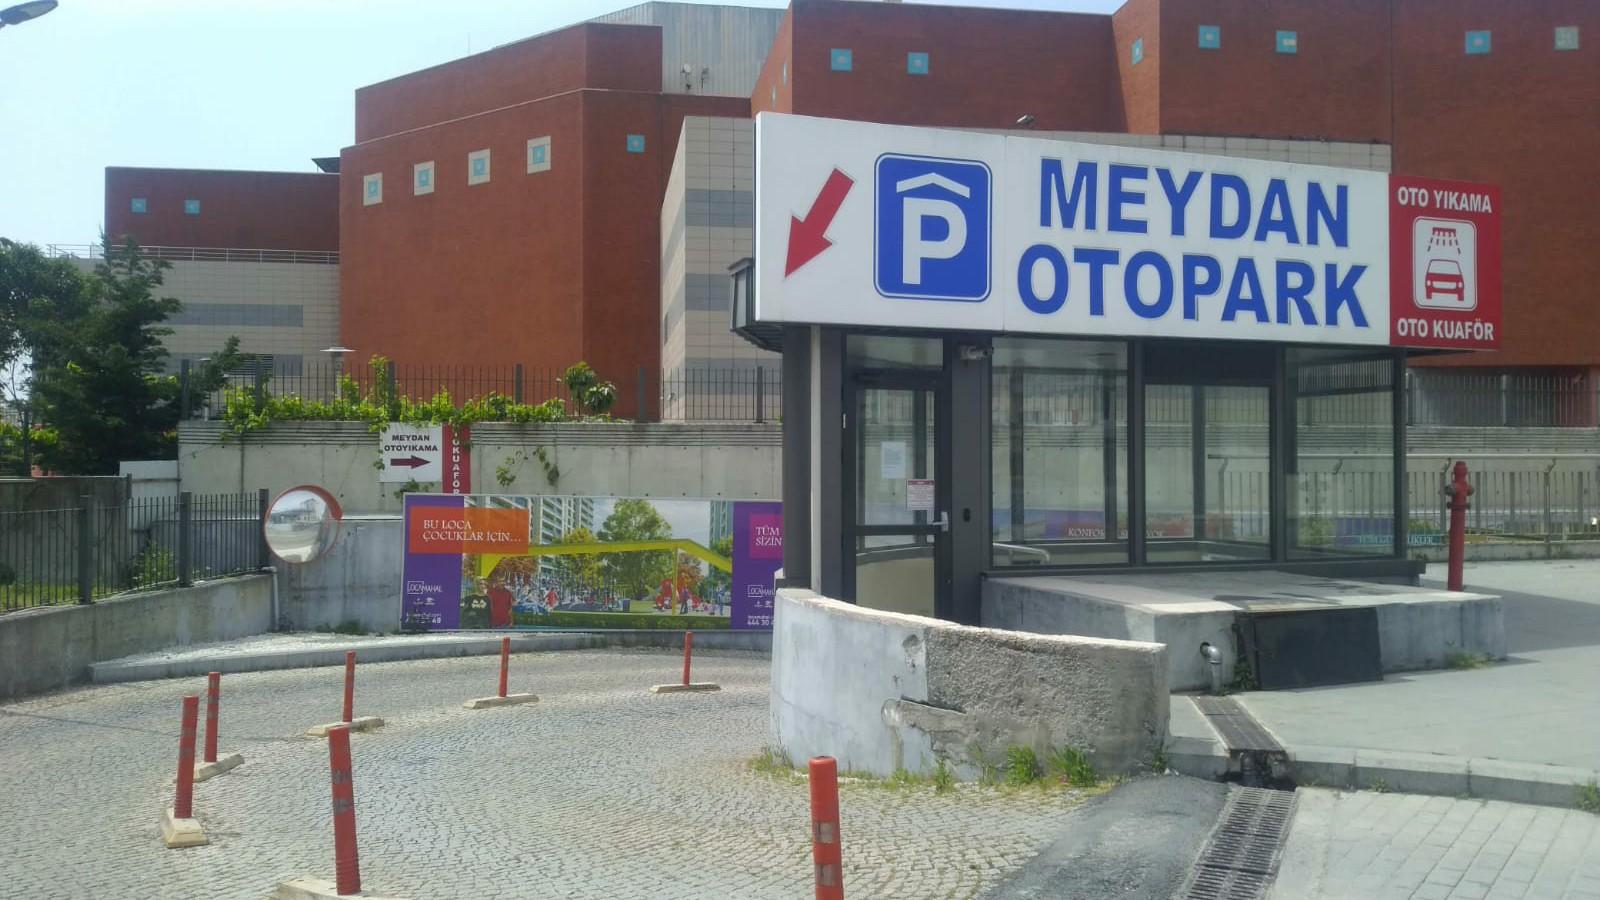 Zeytinburnun'da Vatandaşın mağduriyetine basın yetişti